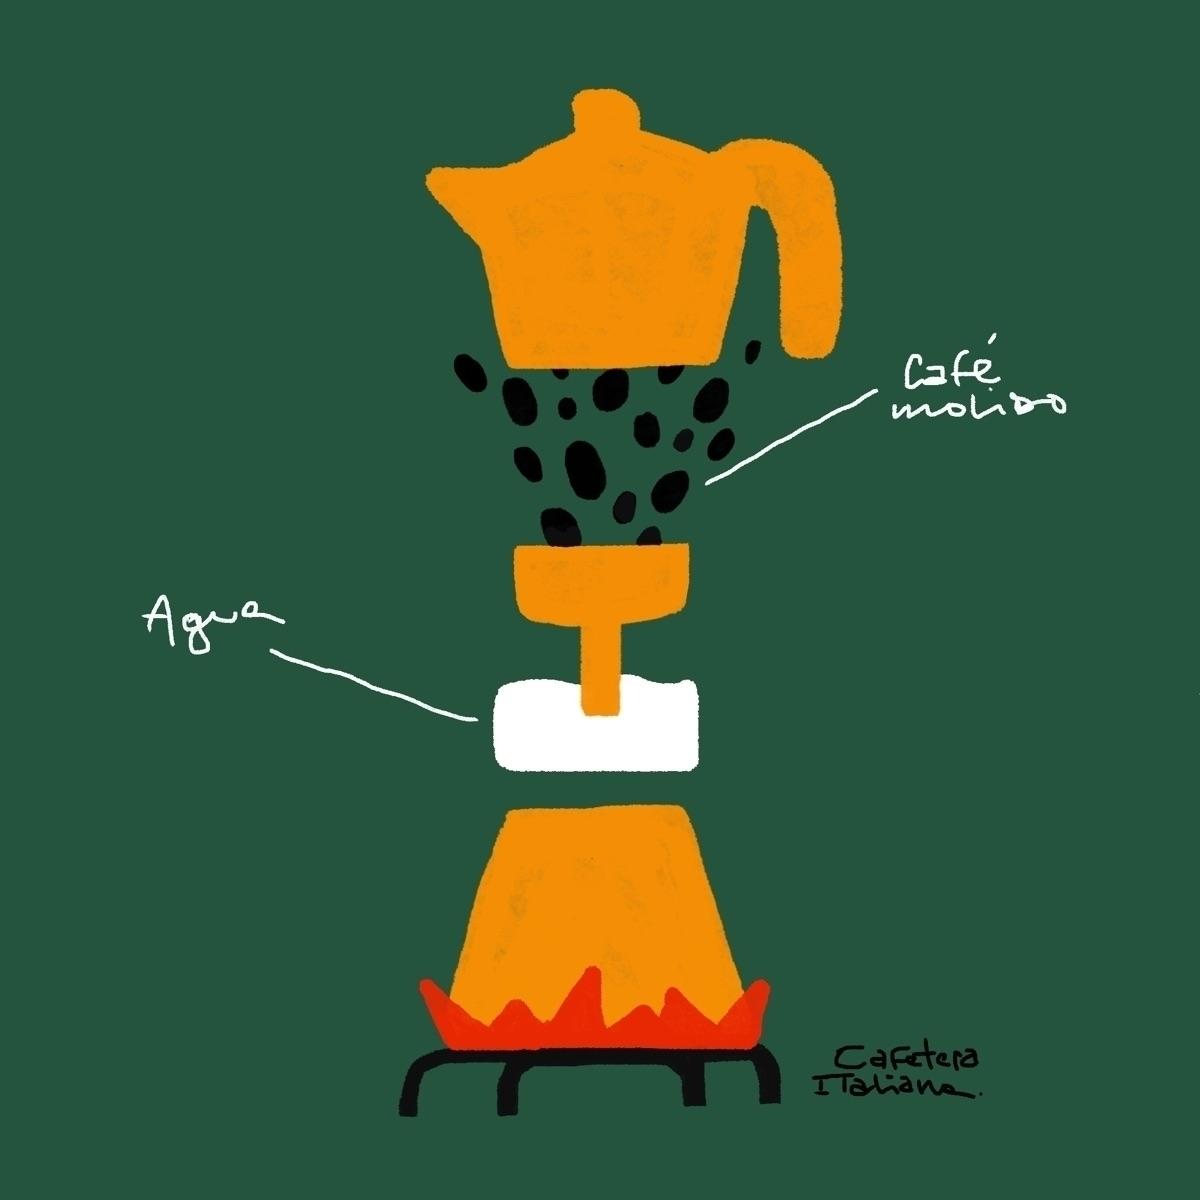 Cafetera italiana Alfonso Biale - sebamunoz | ello